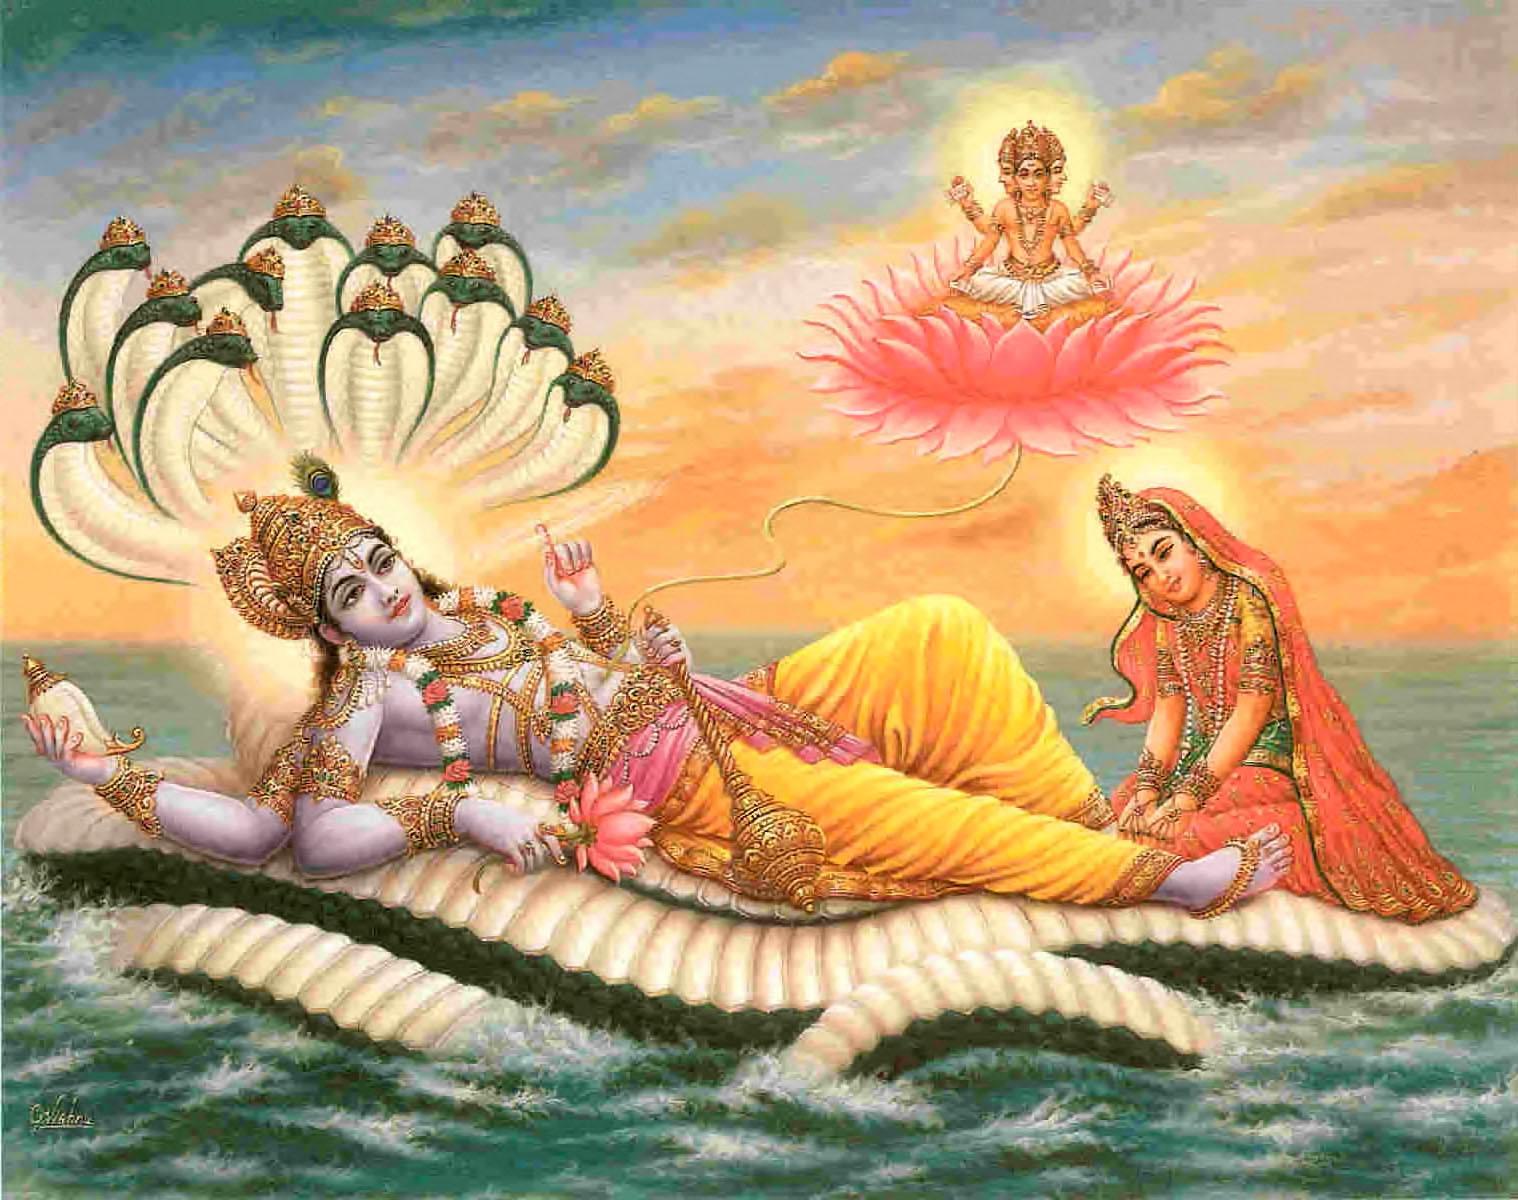 Lord Vishnu laxmi photo download